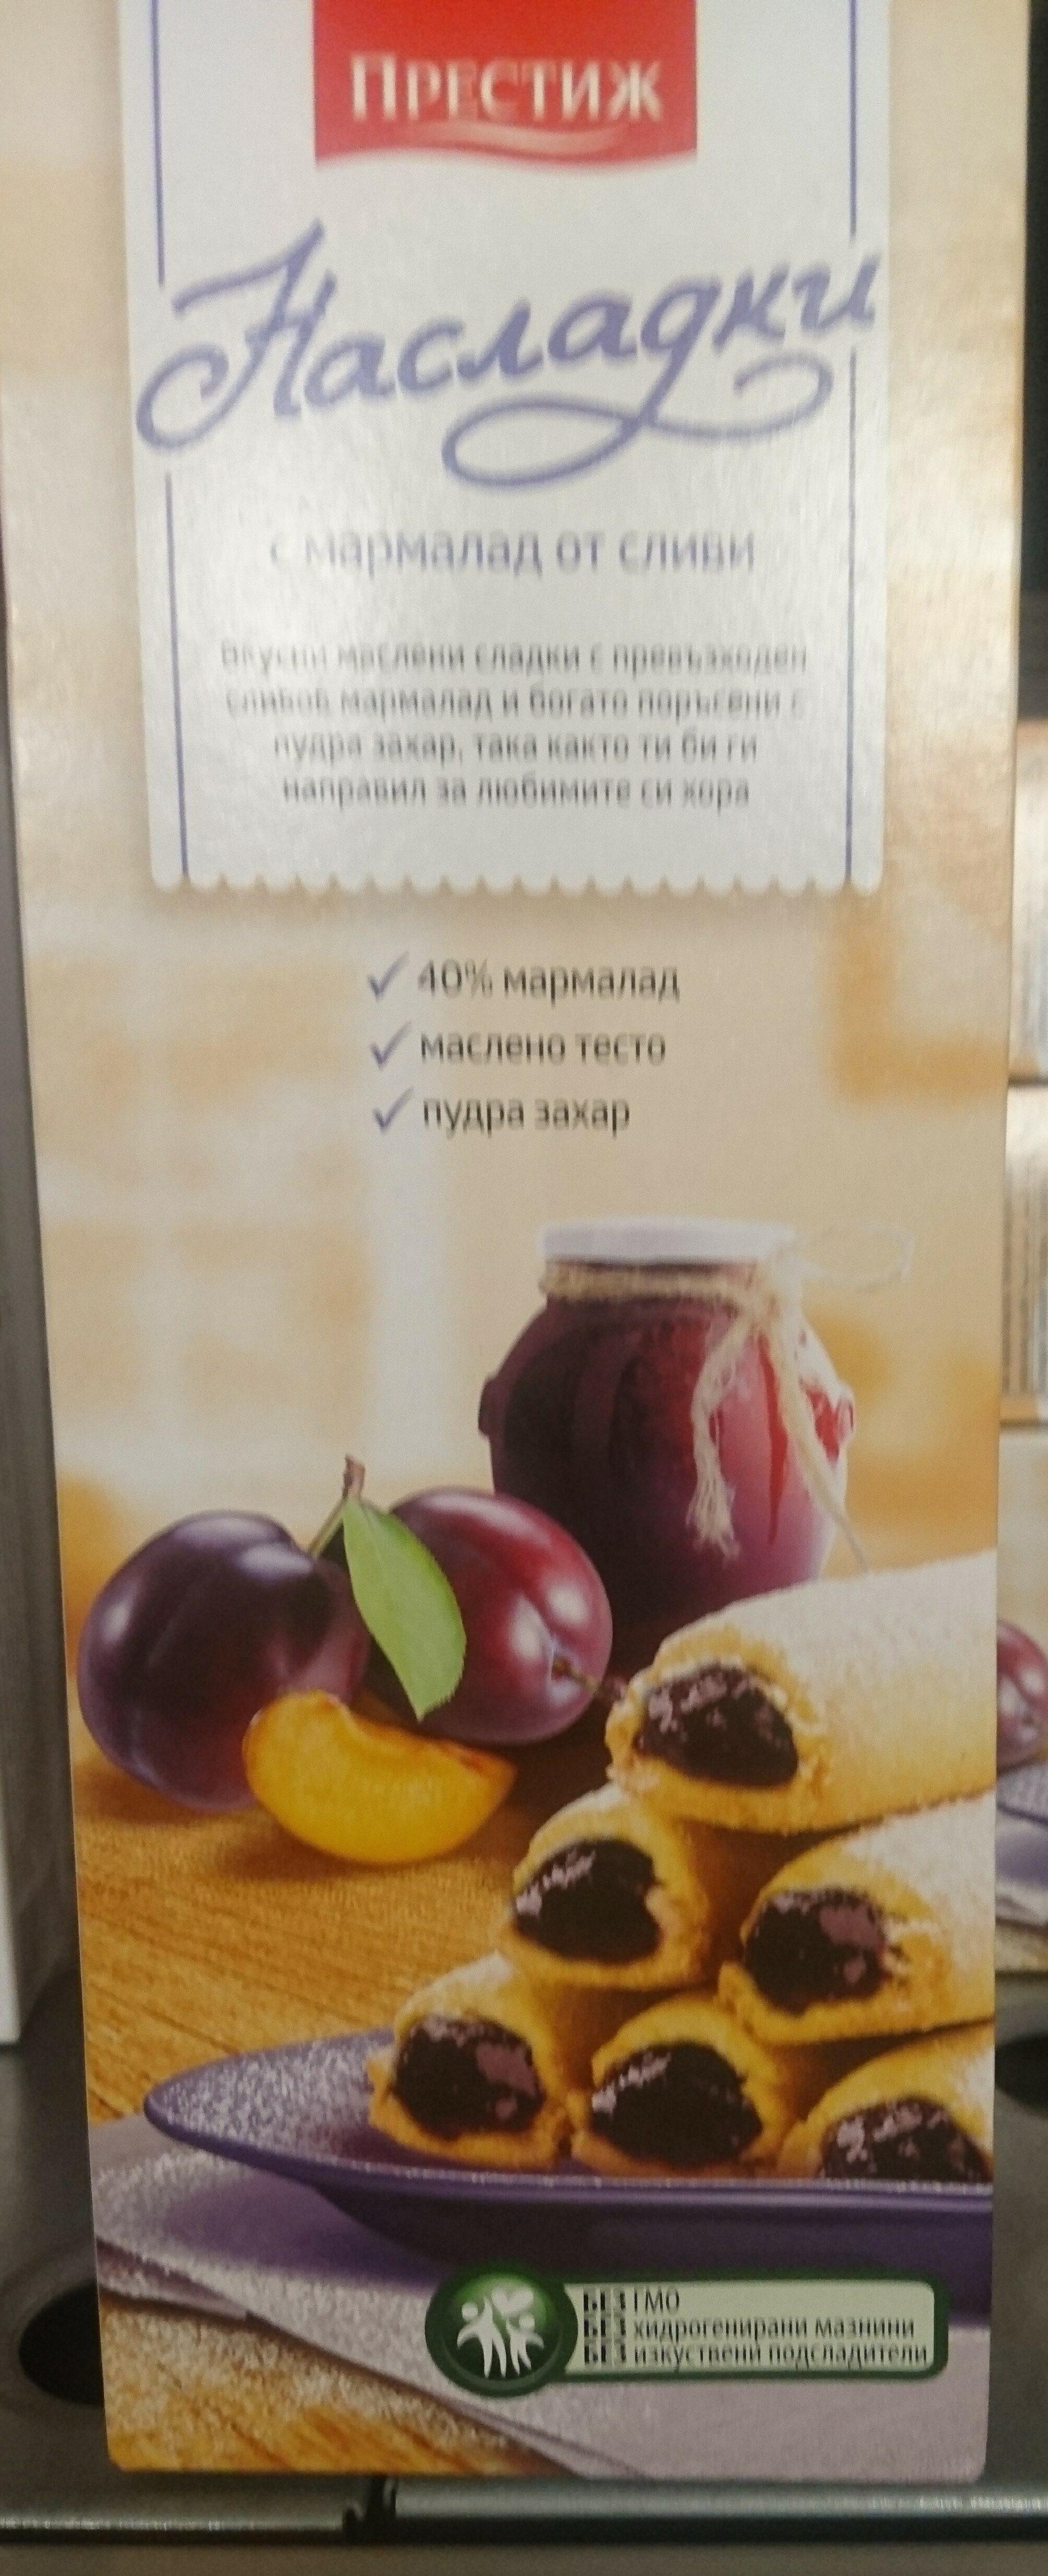 Насладки с мармалад от сливи - Product